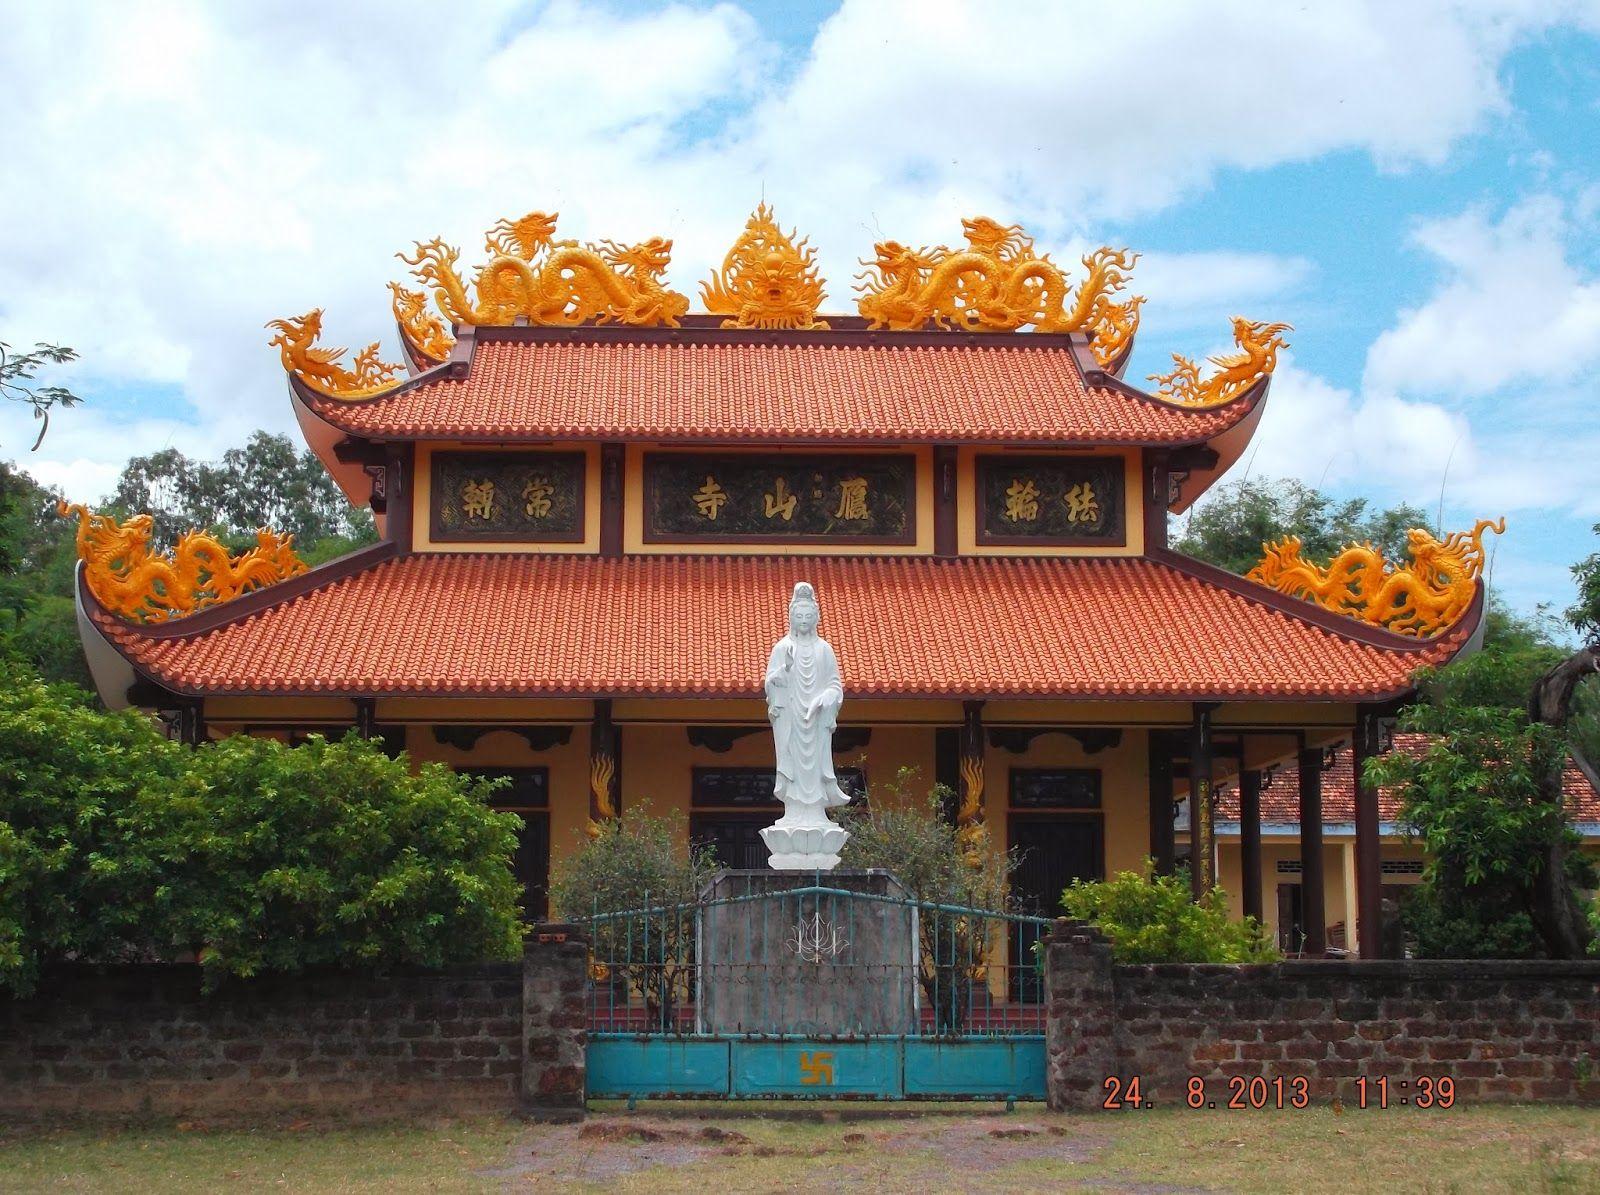 Chánh điện chùa Nhạn Sơn Bình Định